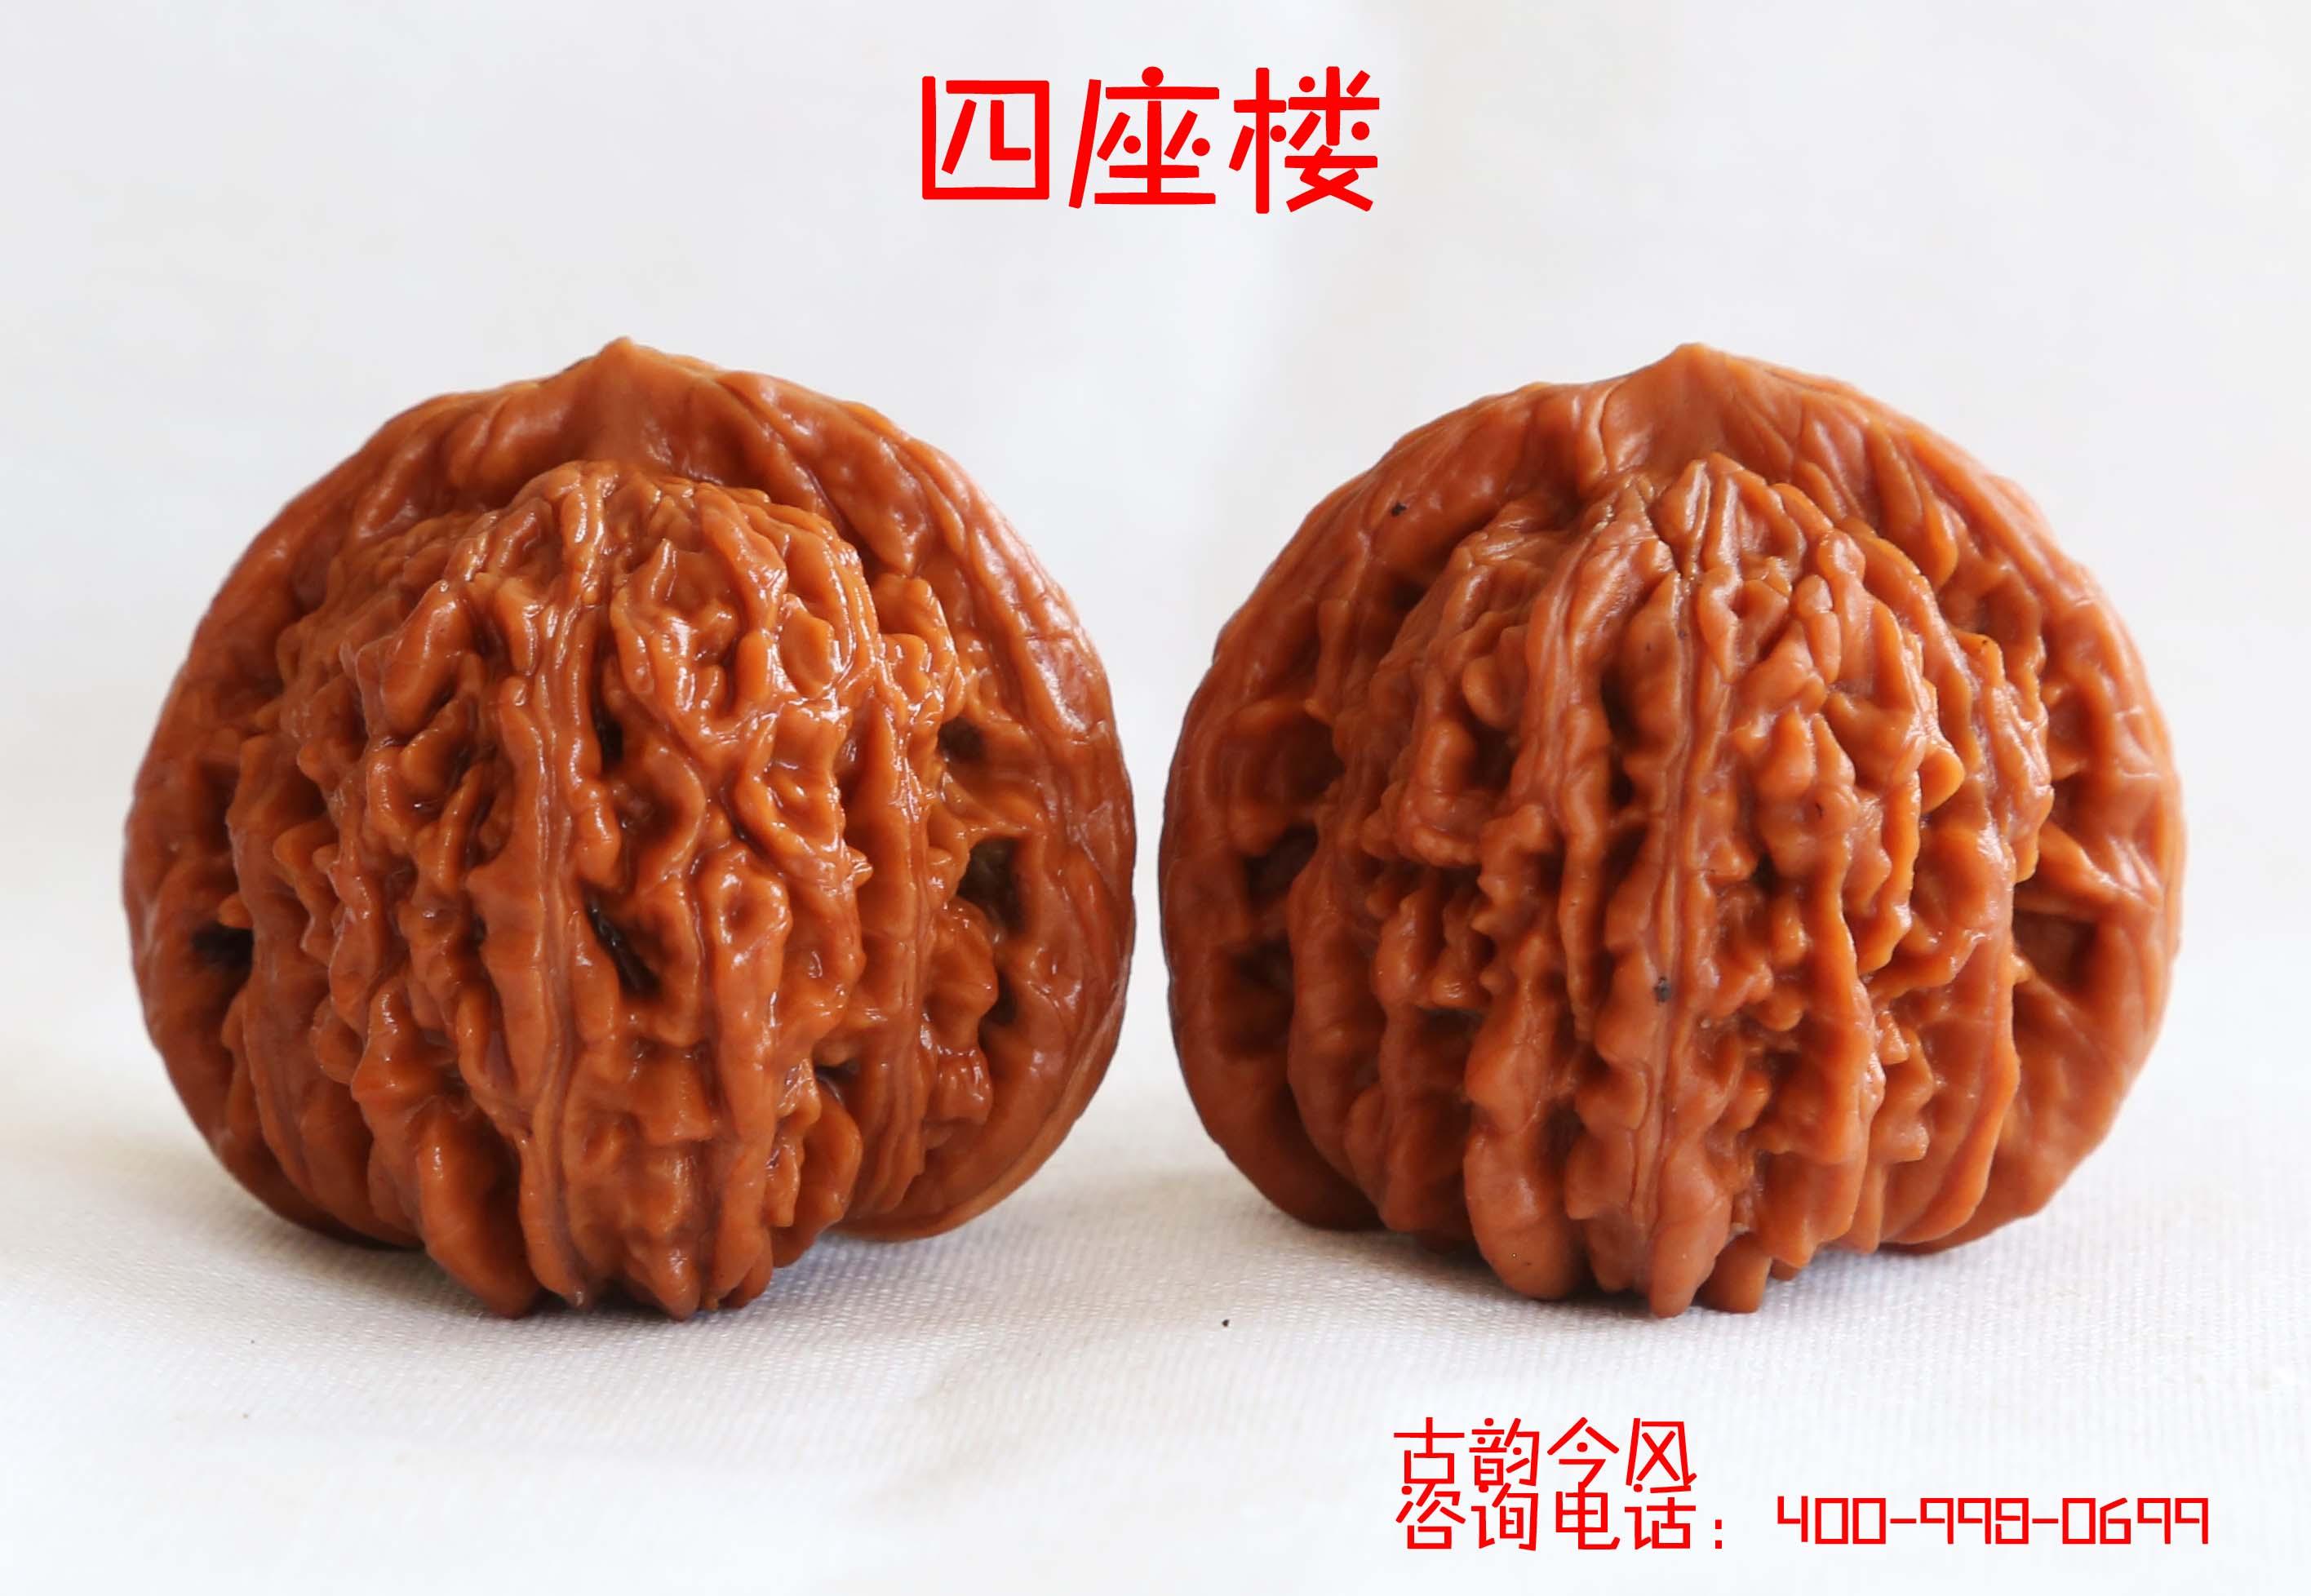 Резьба по скорлупе грецкого ореха Специальные прямые Lai Shui wenwan орех звезда Apple сад львиная голова плиты перекрытия